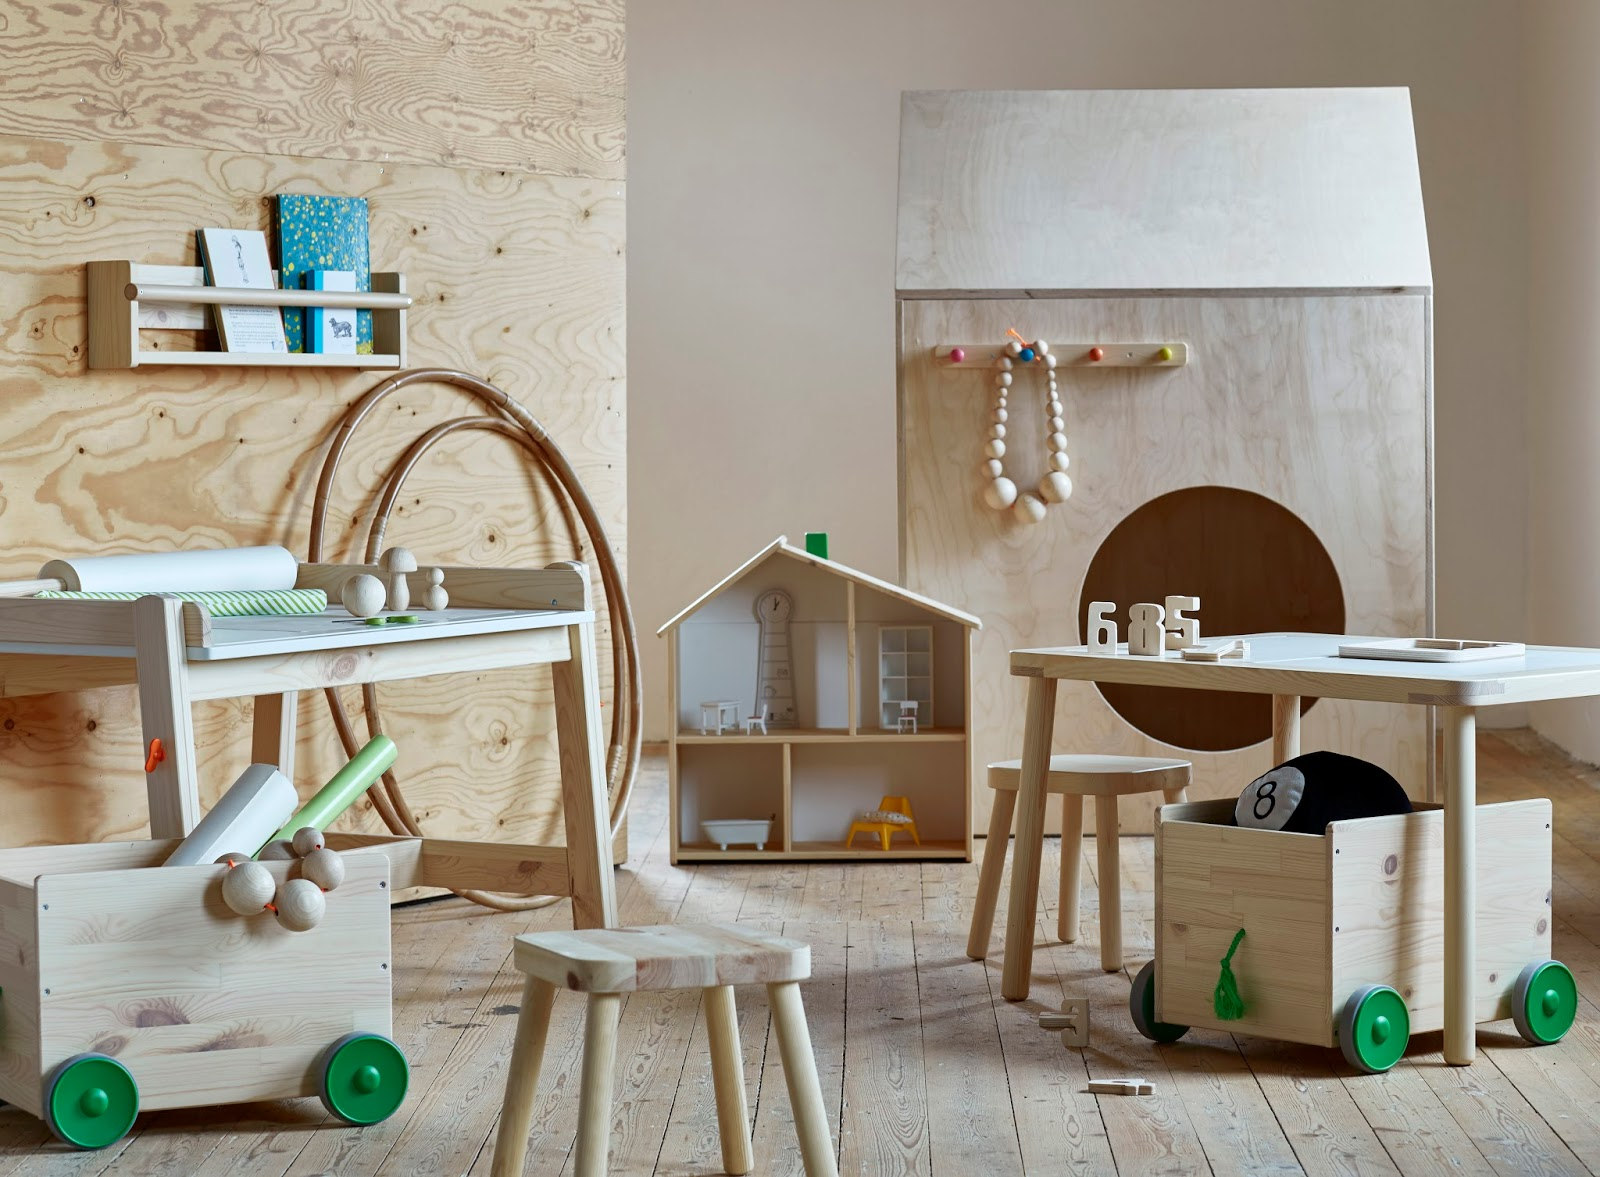 Habitaciones infantiles que nos enamoran 2 lo nuevo de ikea - Ikea estanterias ninos ...